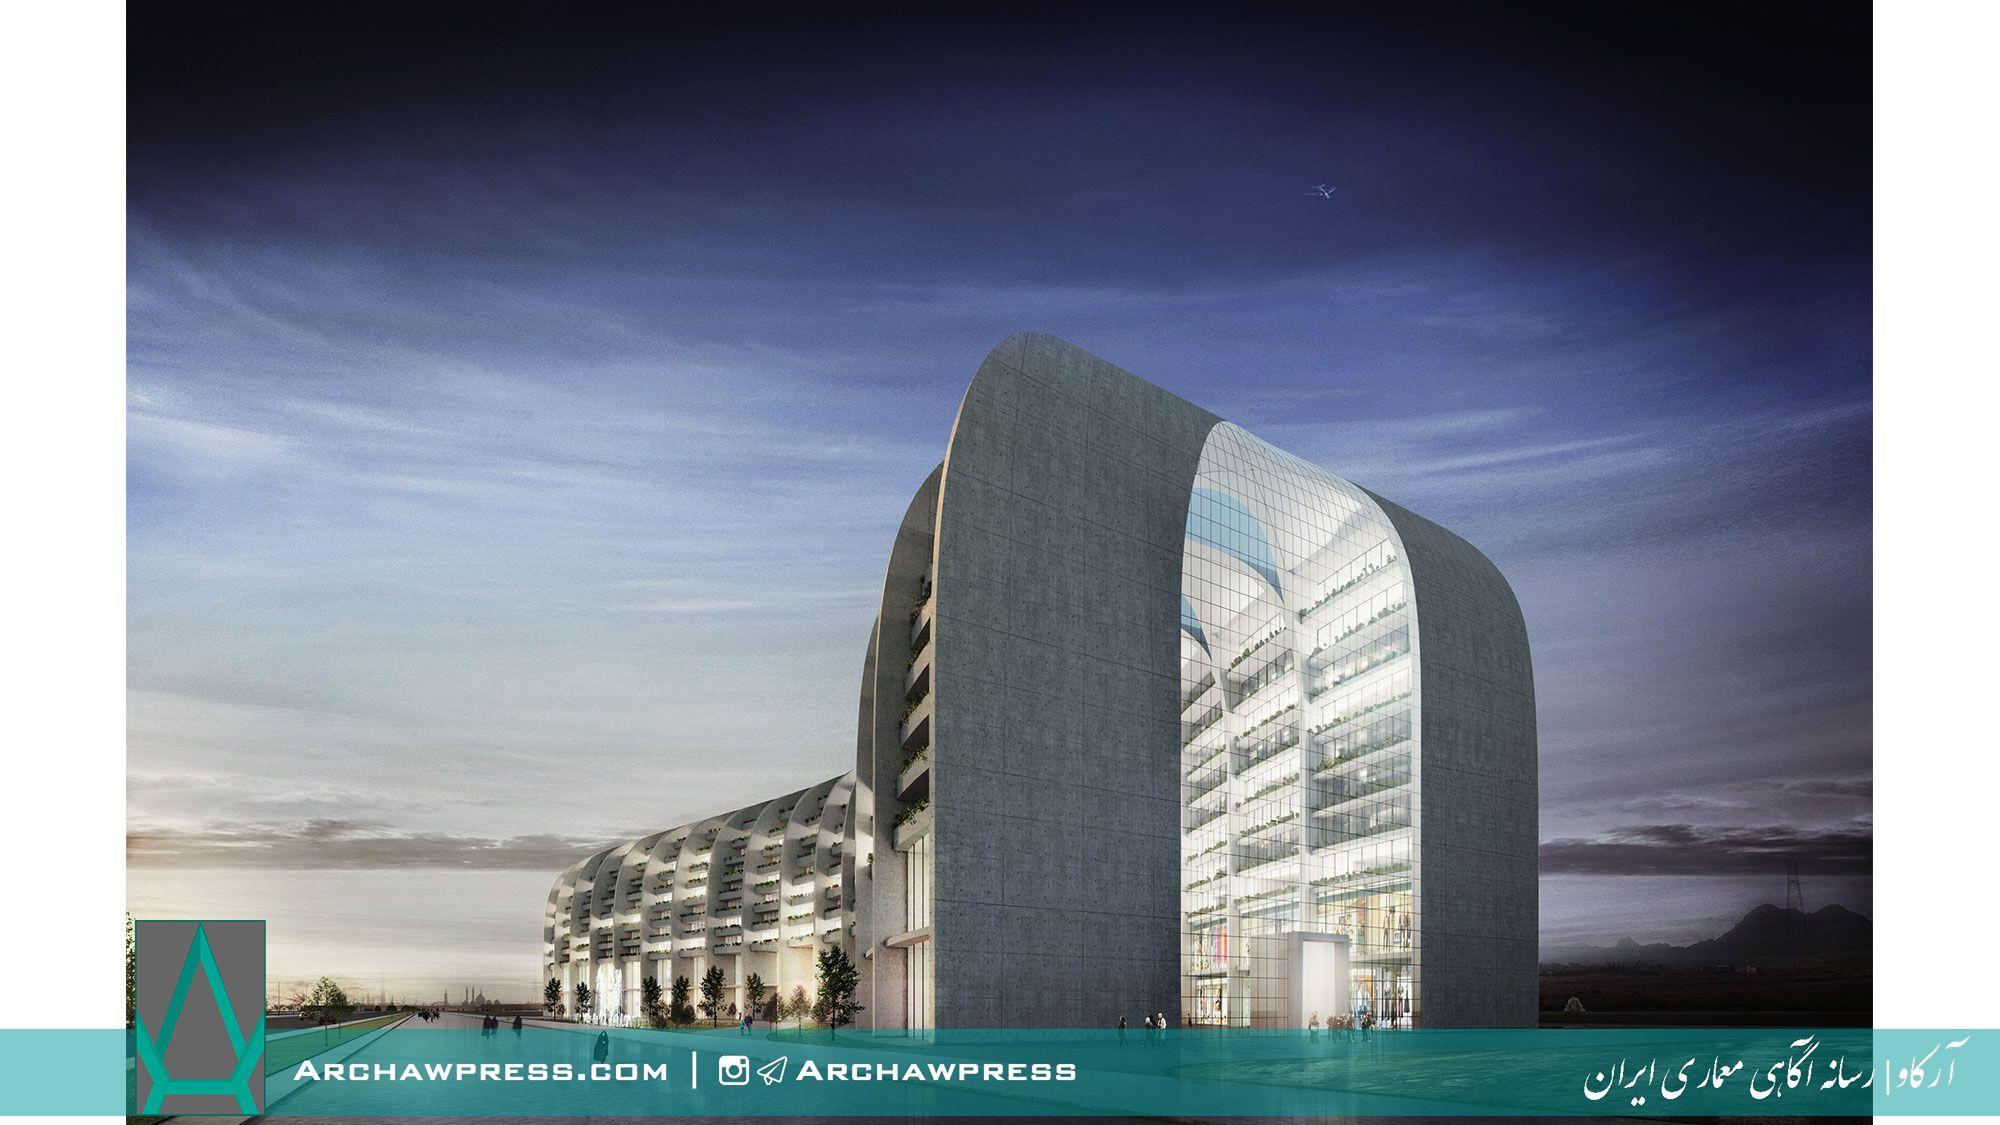 آرکاو   رسانه آگاهی معماری ایران منتشر کرد هتل قم